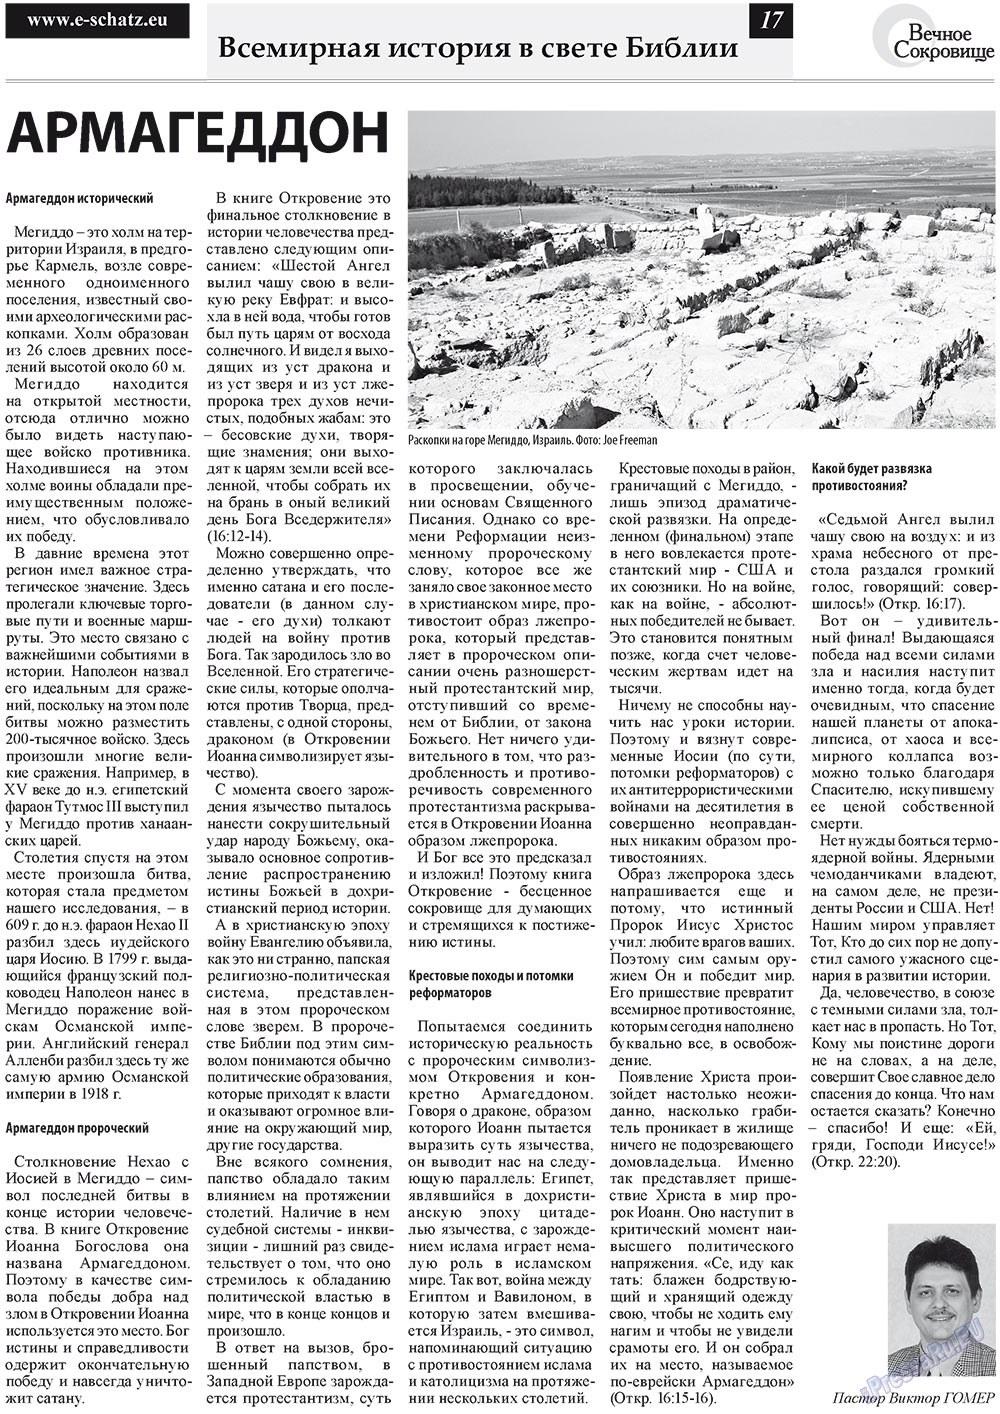 Вечное сокровище (газета). 2011 год, номер 4, стр. 17